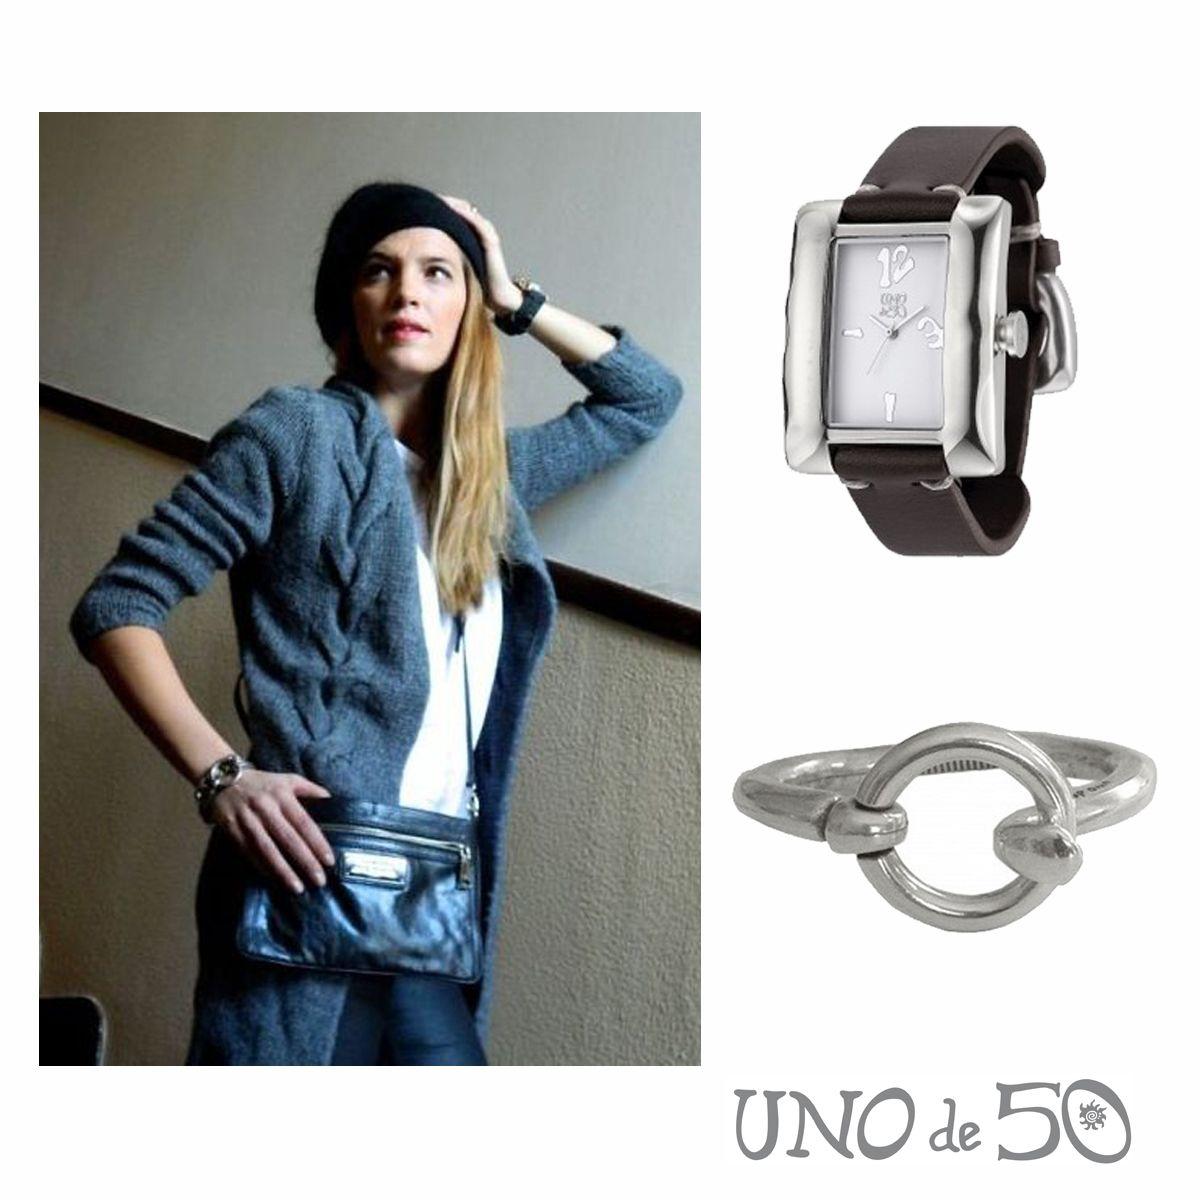 """La modelo Laura Sánchez escoge para su look la pulsera """"Brújula"""" y el reloj """"Al momento""""  Pulsera/ Bracelet """"Brújula"""": http://goo.gl/XA99uo Reloj/ Whach """"Al momento"""": http://goo.gl/Cn8eBc"""